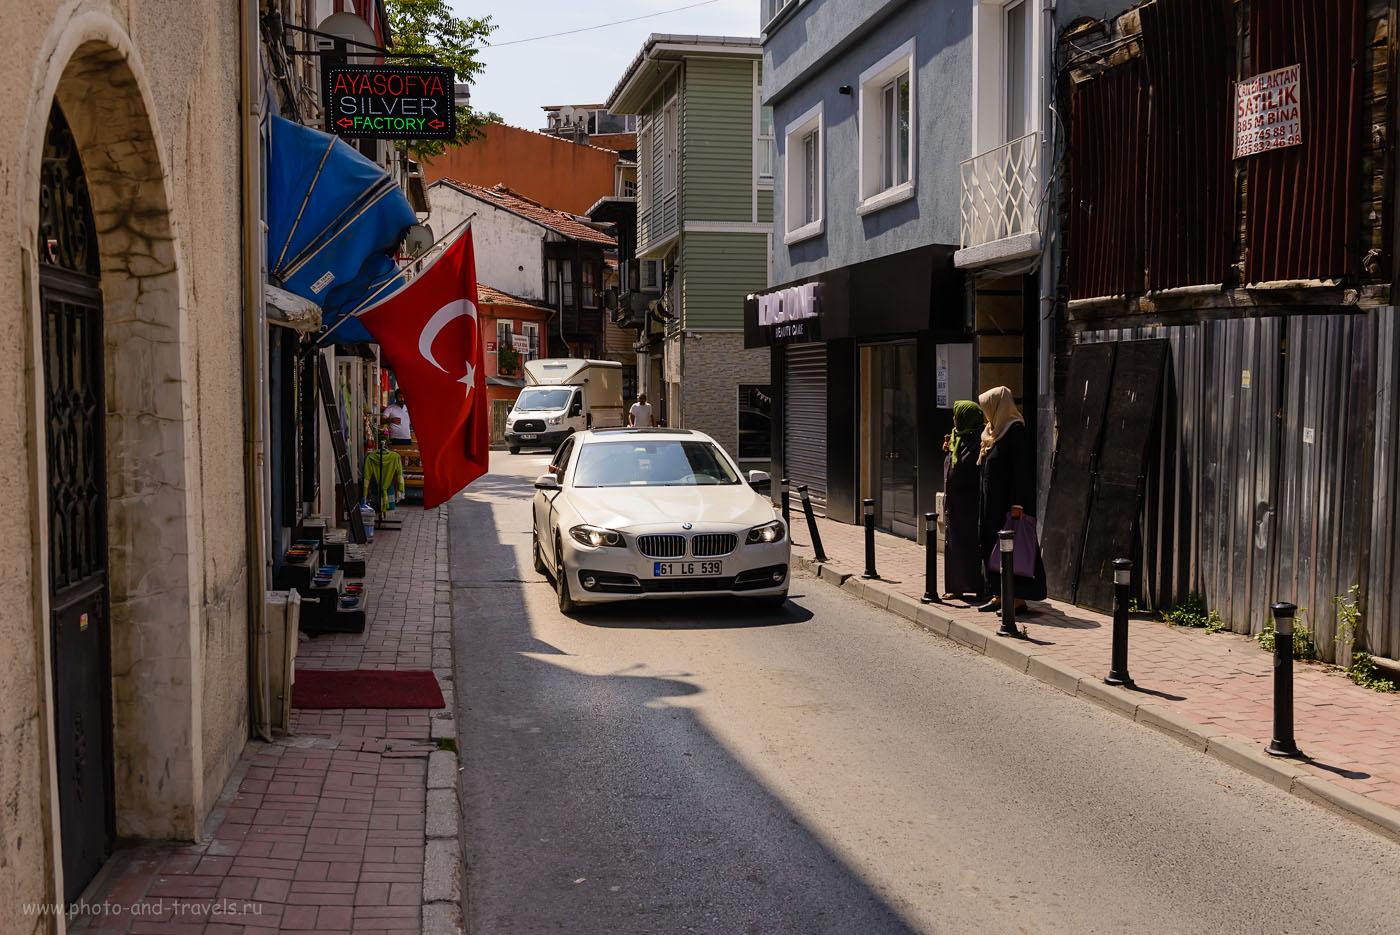 Фотография 7. Легко ли водить машину на улицах Стамбула. Как мы взяли в аренду автомобиль и путешествовали по Турции самостоятельно. 1/800, -0.67, 7.1, 200, 38.